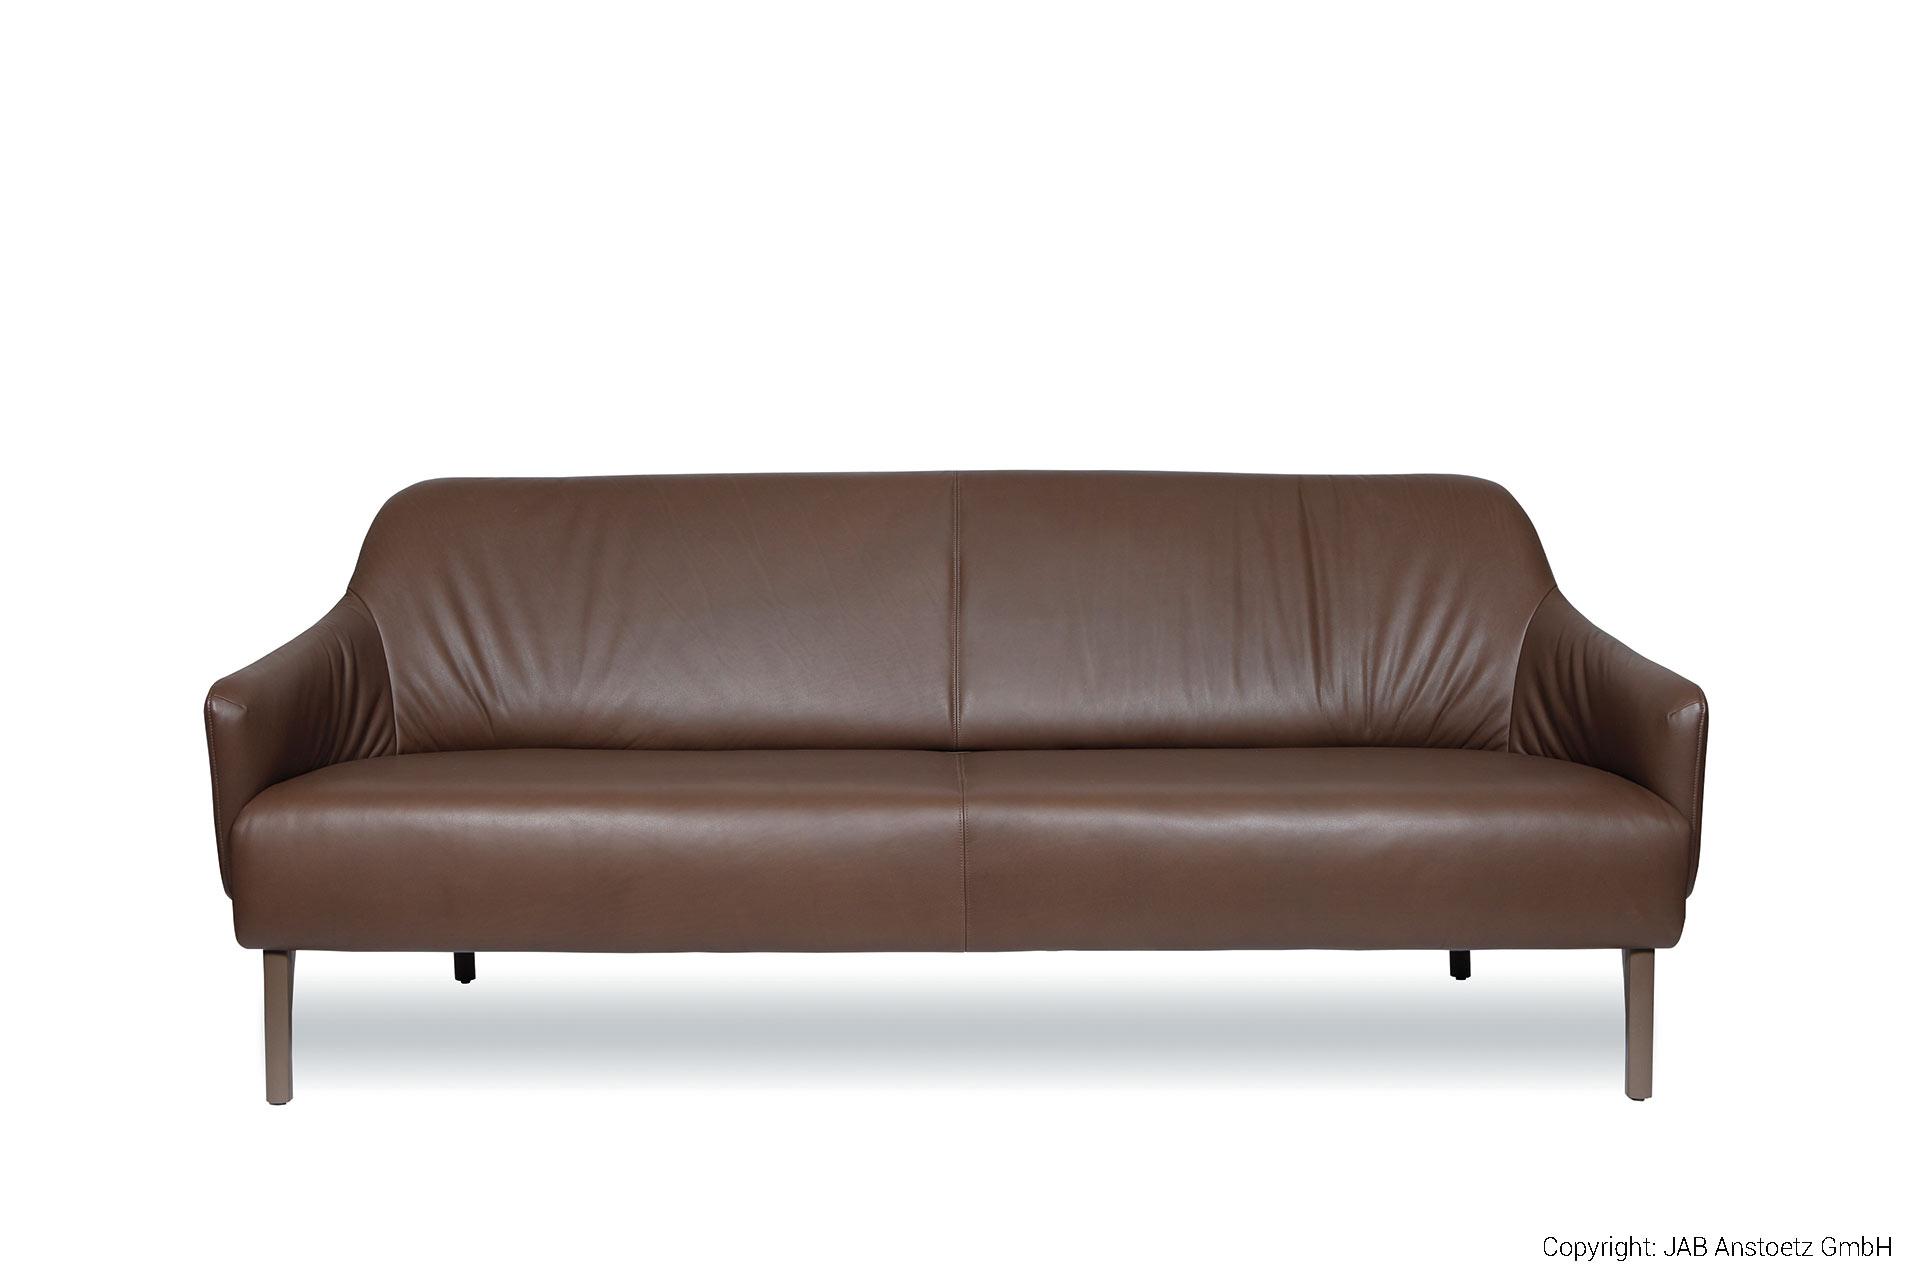 Sofa Flow Collection. Entwurf von JOI-Design